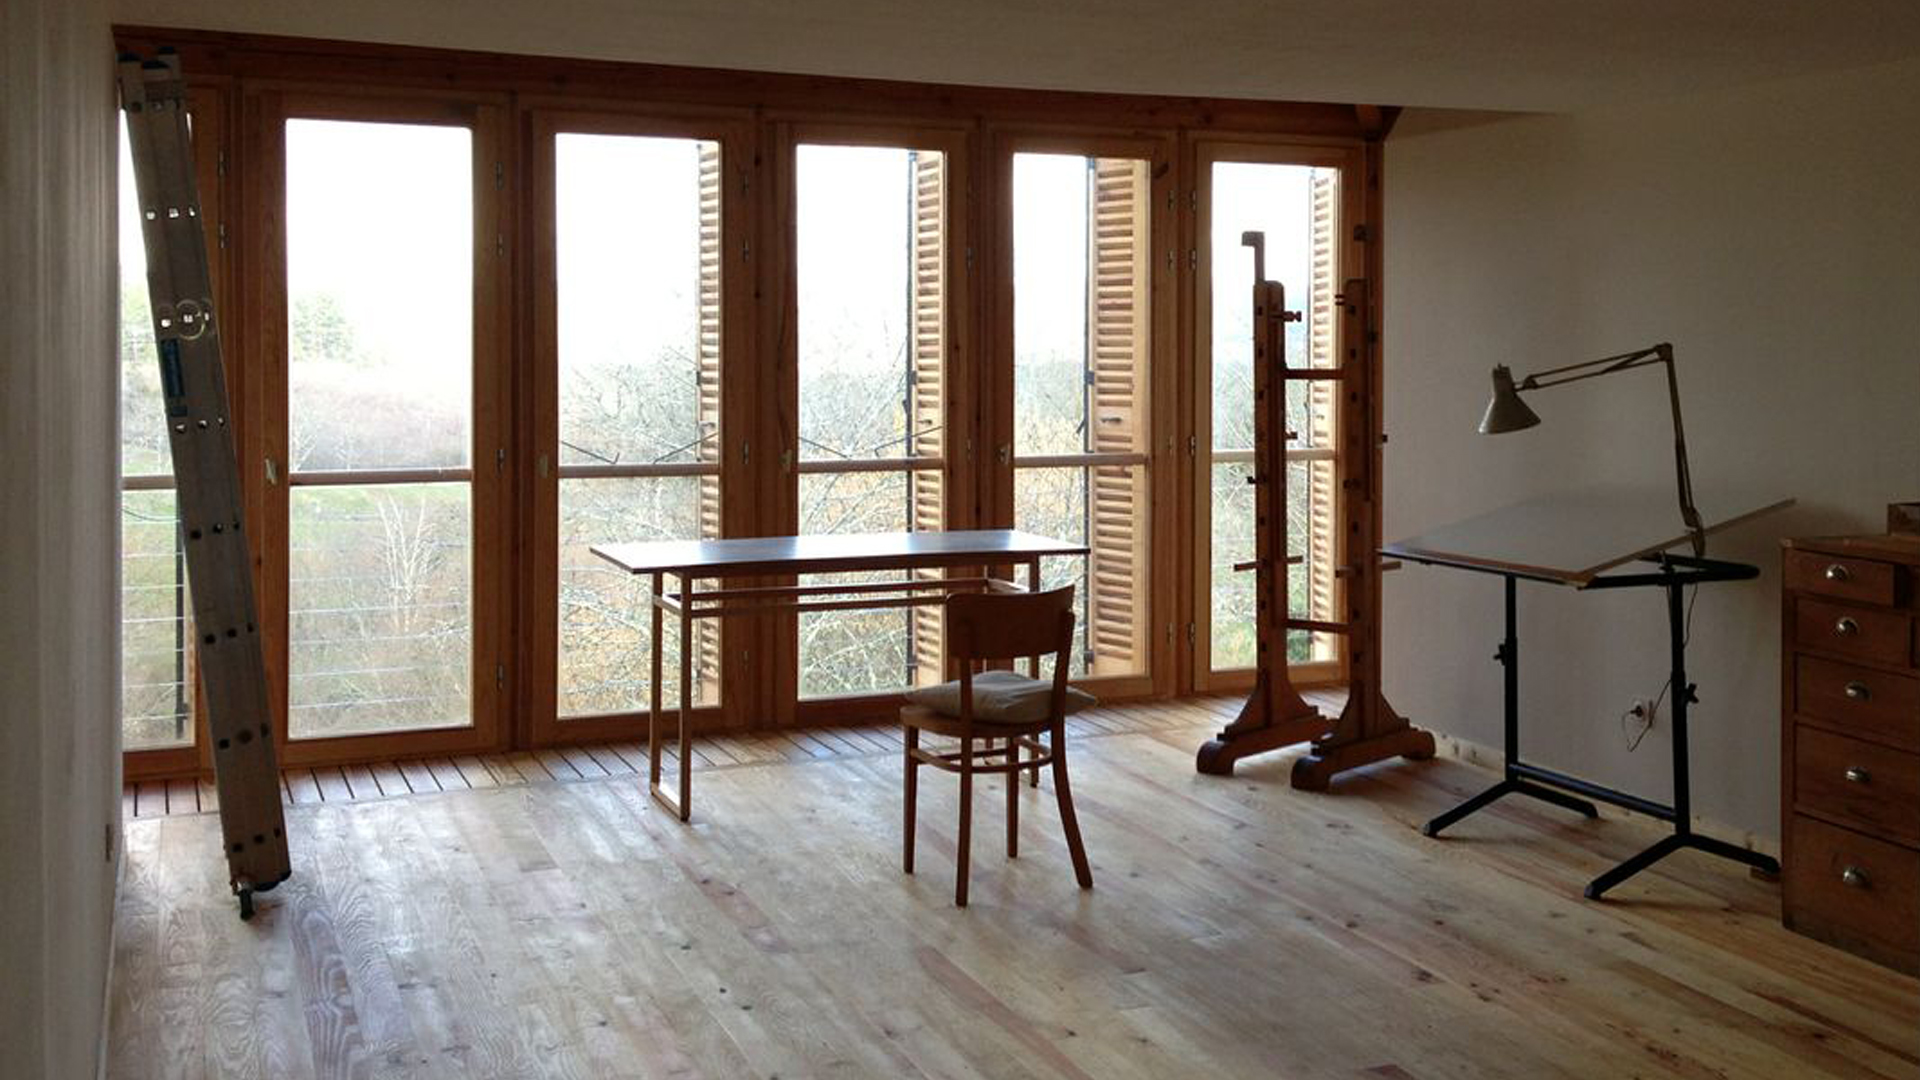 02-Seuil-Architecture-Curchod-crédit-ph.-M-Curchod